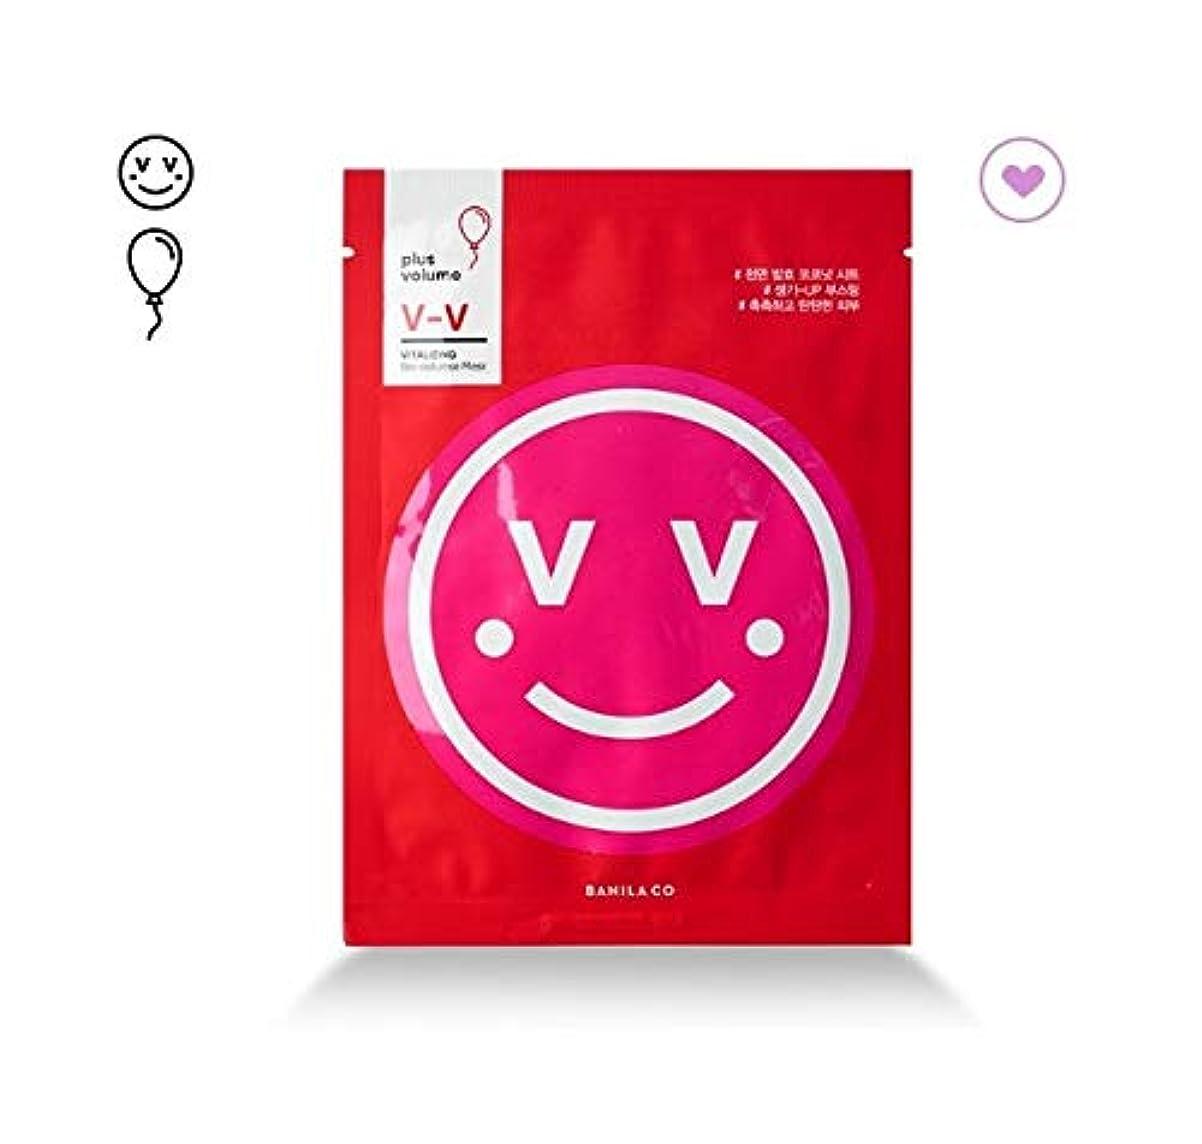 価格寂しい敵意banilaco V-V Vitalizing Bioセルロースマスク/V-V Vitalizing Bio Cellulose Mask 25ml [並行輸入品]